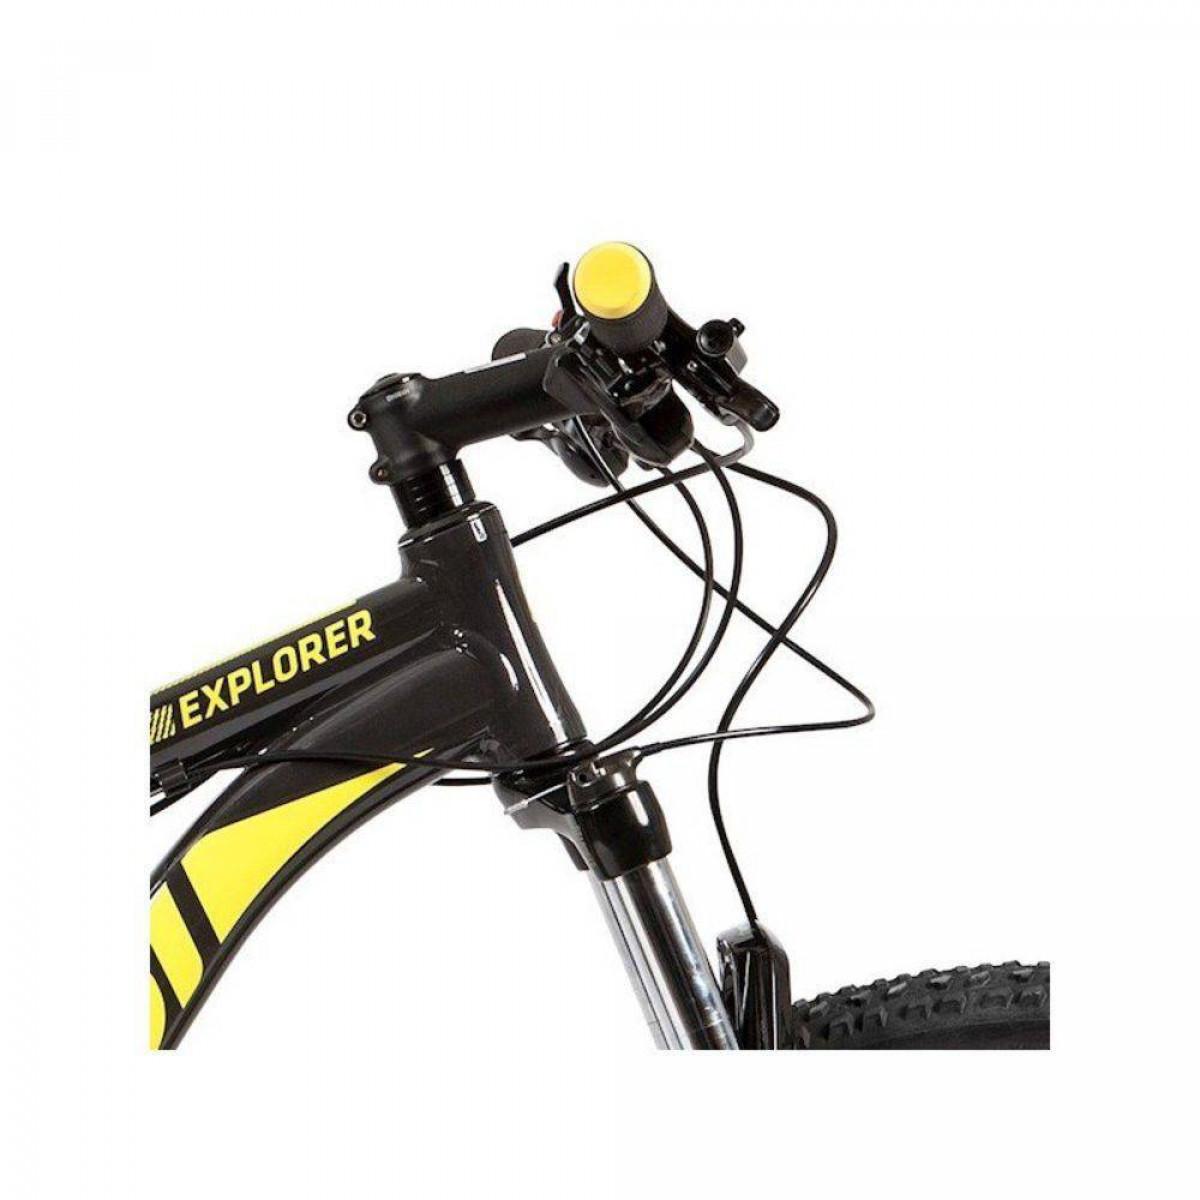 100b949d2 Bicicleta Caloi Explorer Comp 2019 Aro 29 Freio a Disco Hidráulico - Cinza  e Amarelo